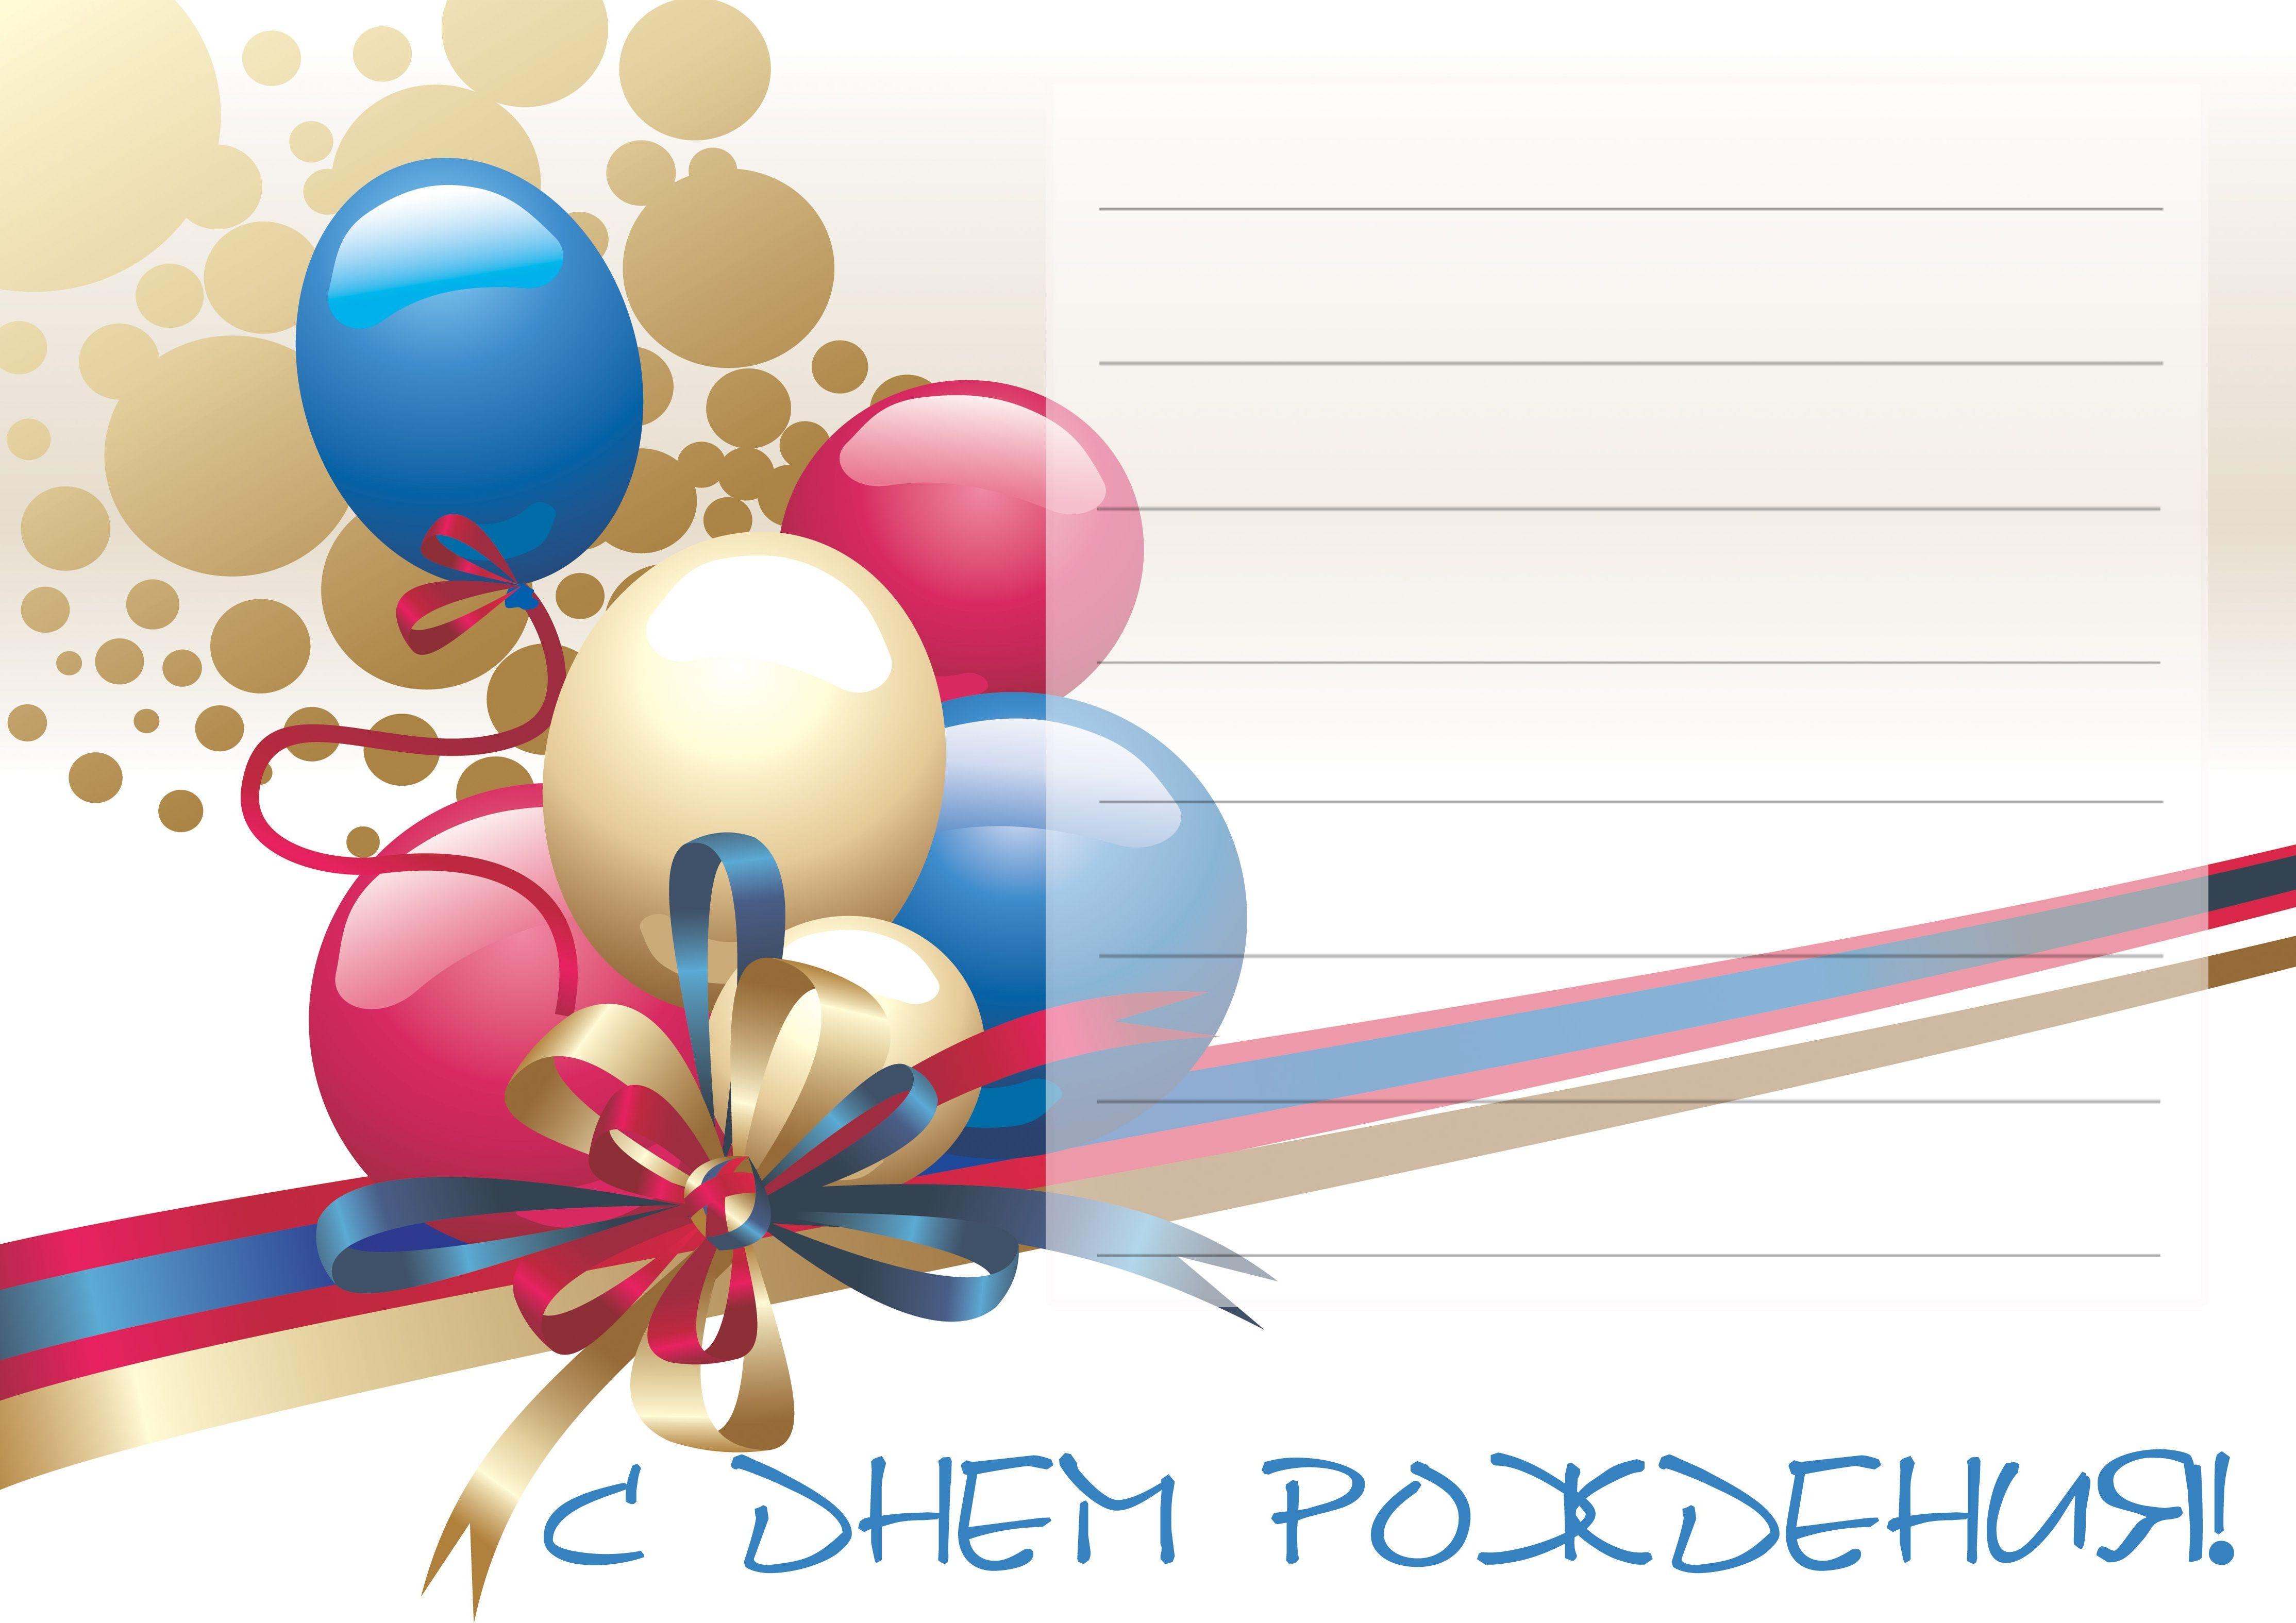 Поздравление наталье с днем рождения картинка